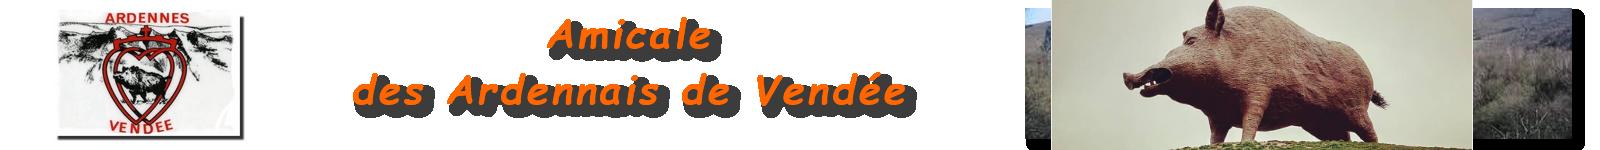 Ardennais de Vendée